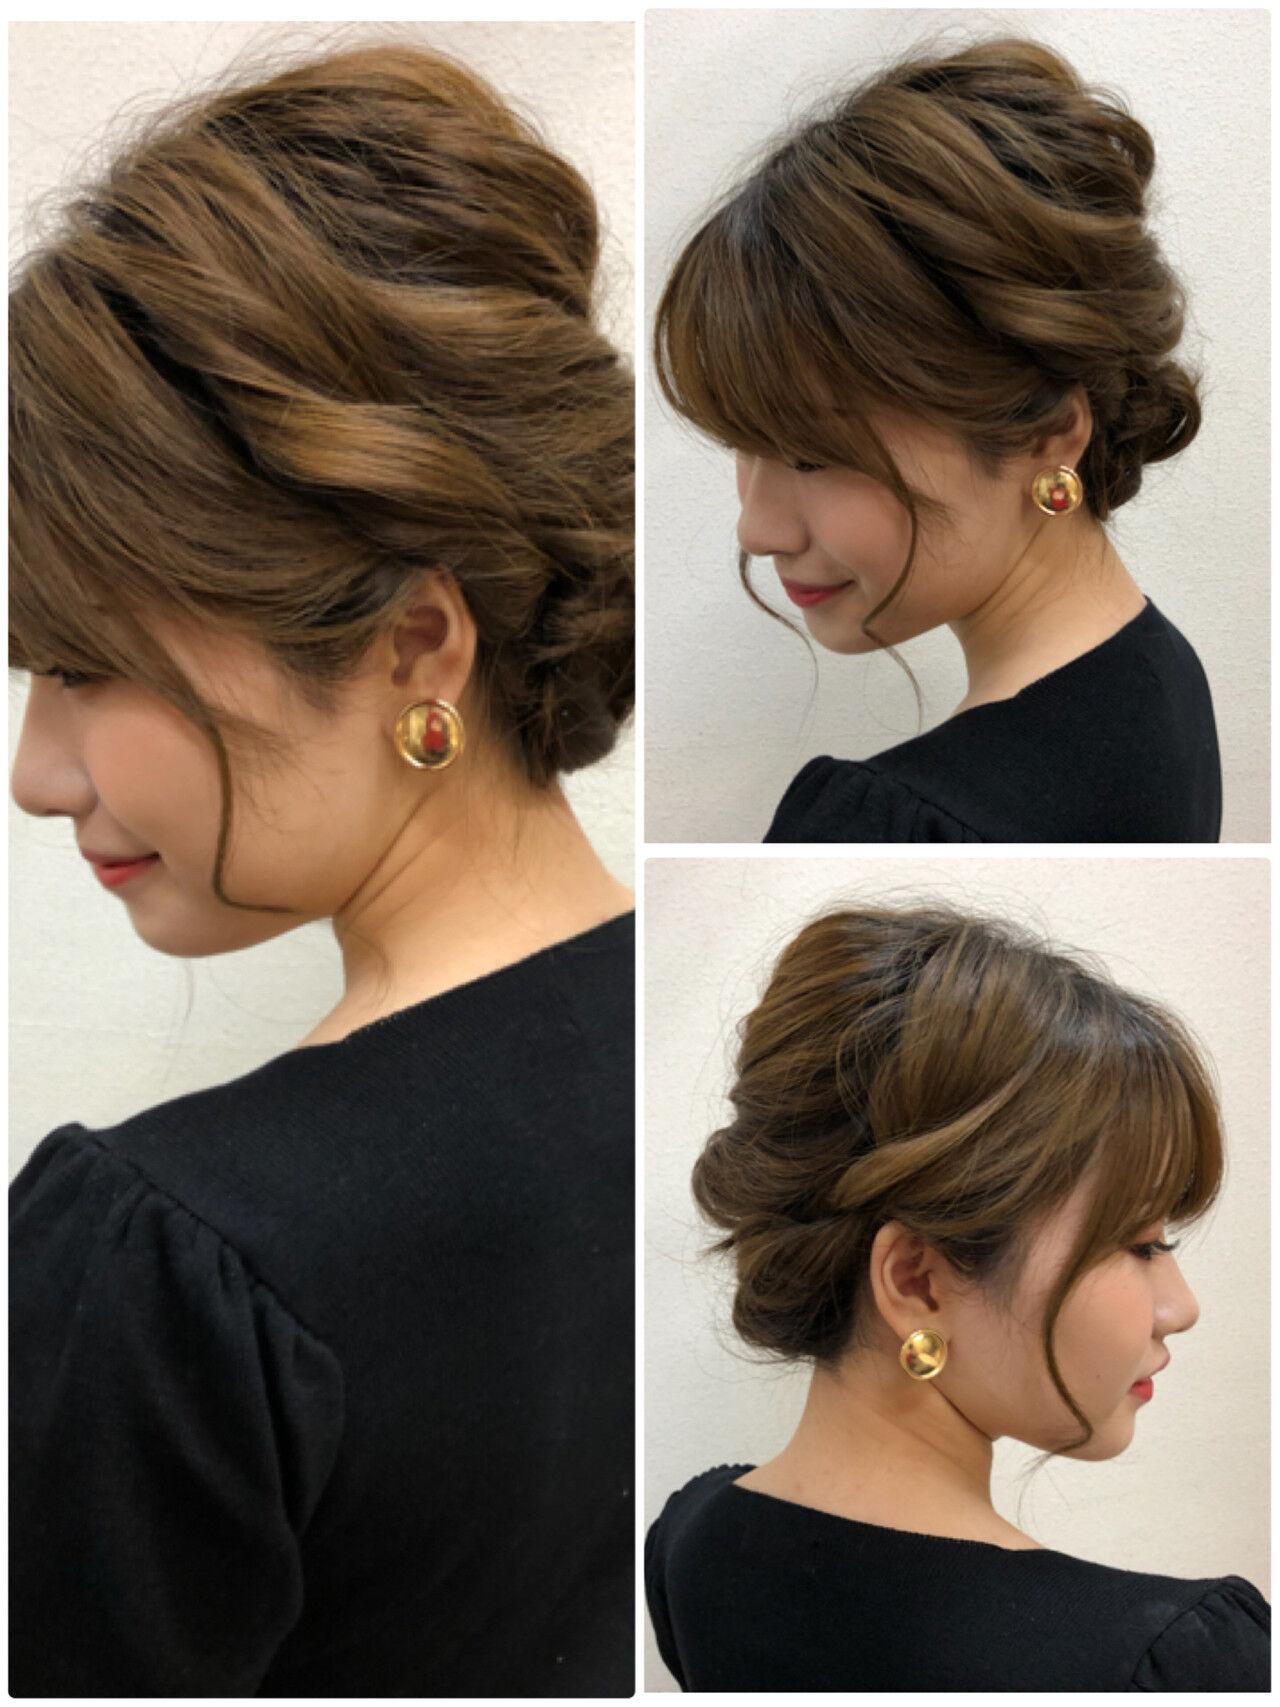 ガーリー 結婚式 ゆるふわセット セミロングヘアスタイルや髪型の写真・画像